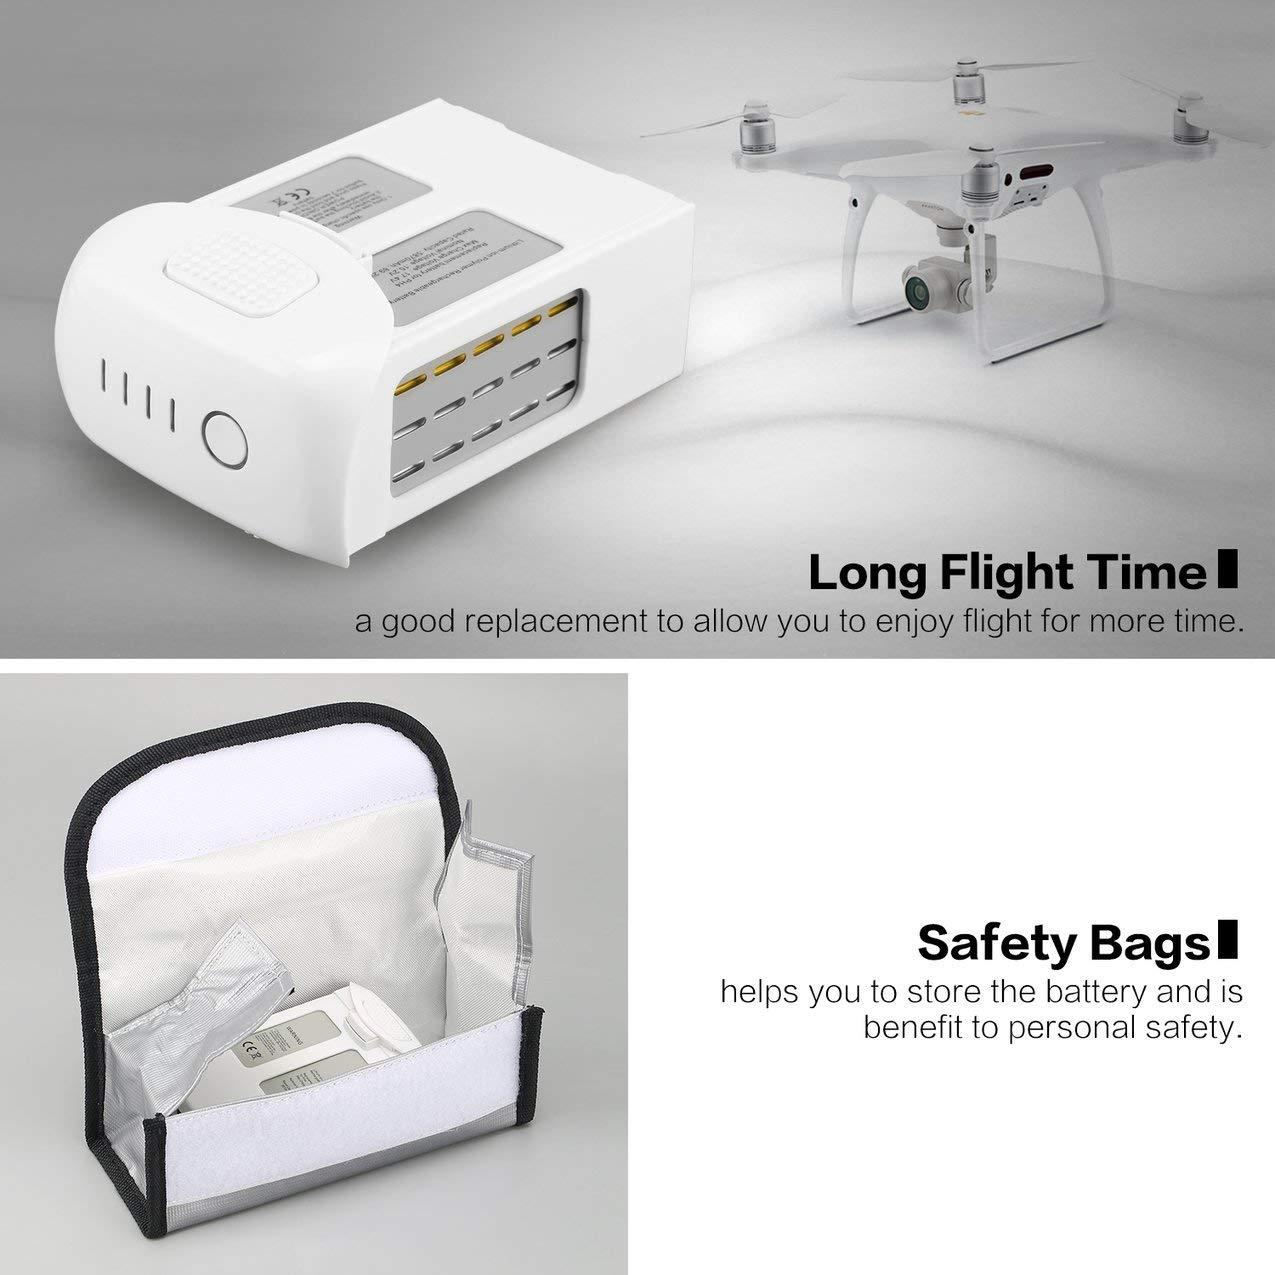 avanc/é Remplacement Intelligent de Batterie de LiPo de vol de Secours DE 15.2V 5870mAh avec Le Sac s/ûr pour Le Drone de DJI Phantom 4 4 Pro FPV